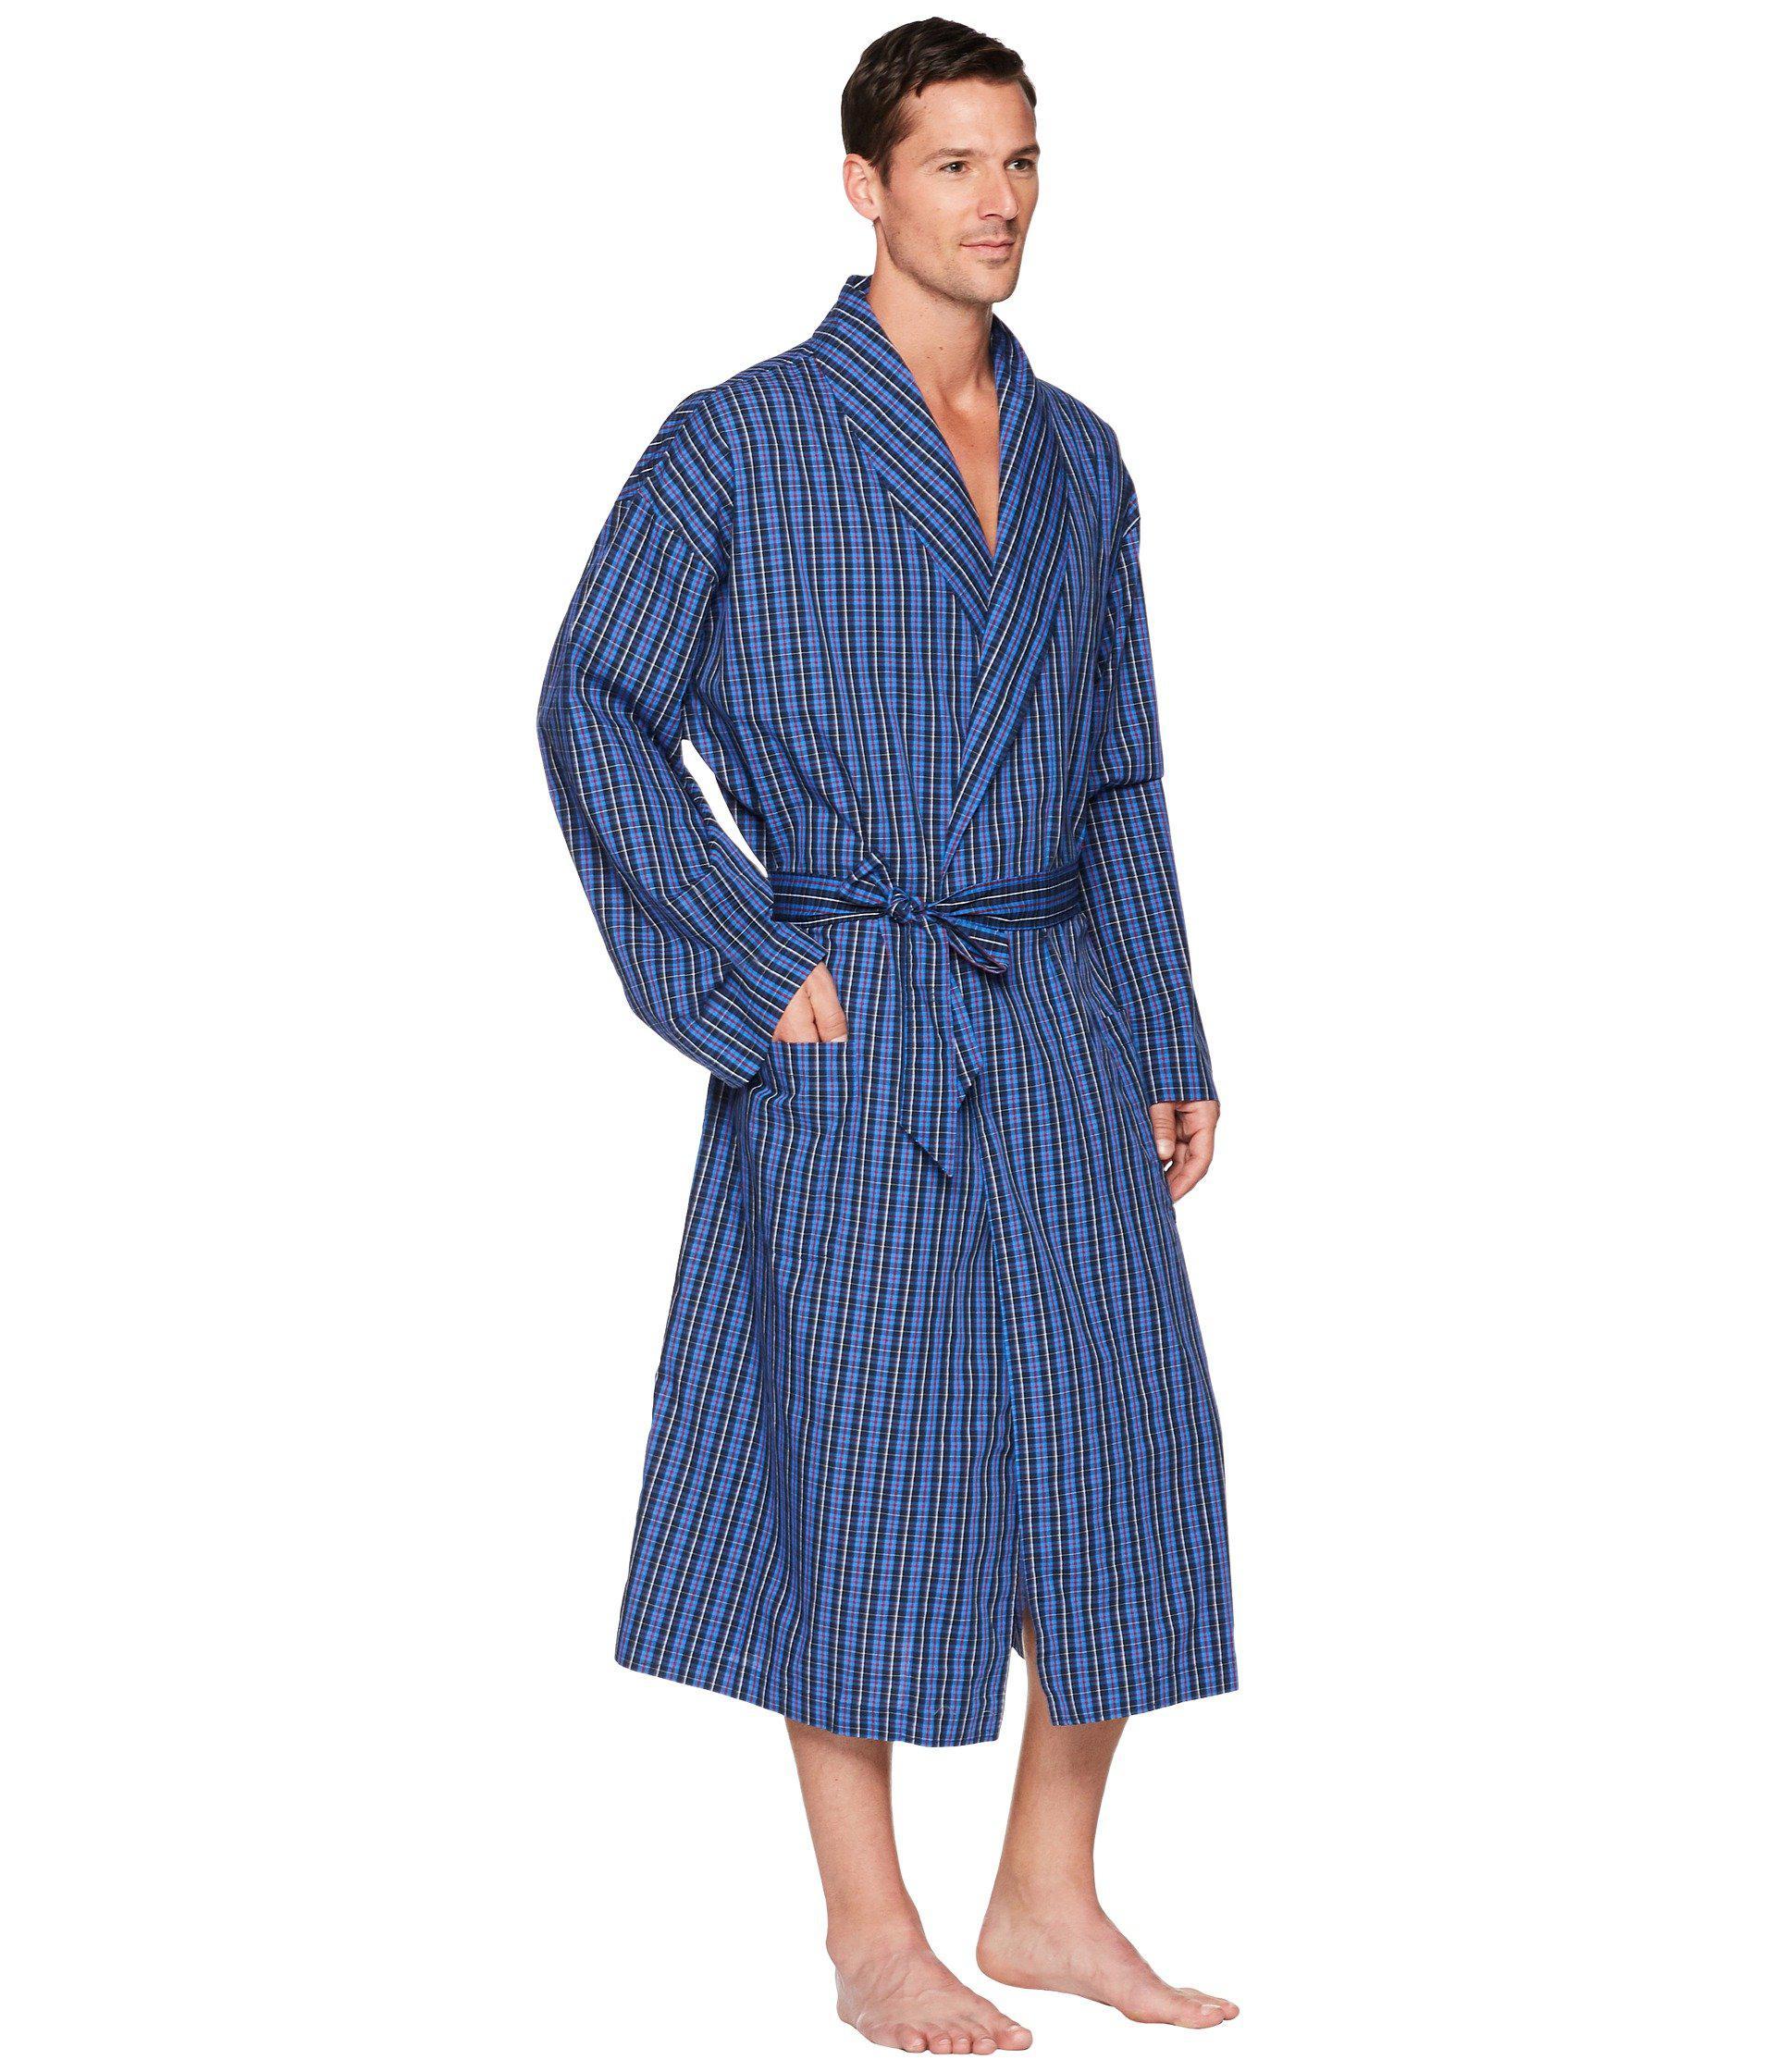 40475e4db4e Polo Ralph Lauren - Blue Woven Robe (soho Plaid) Men s Robe for Men -. View  fullscreen